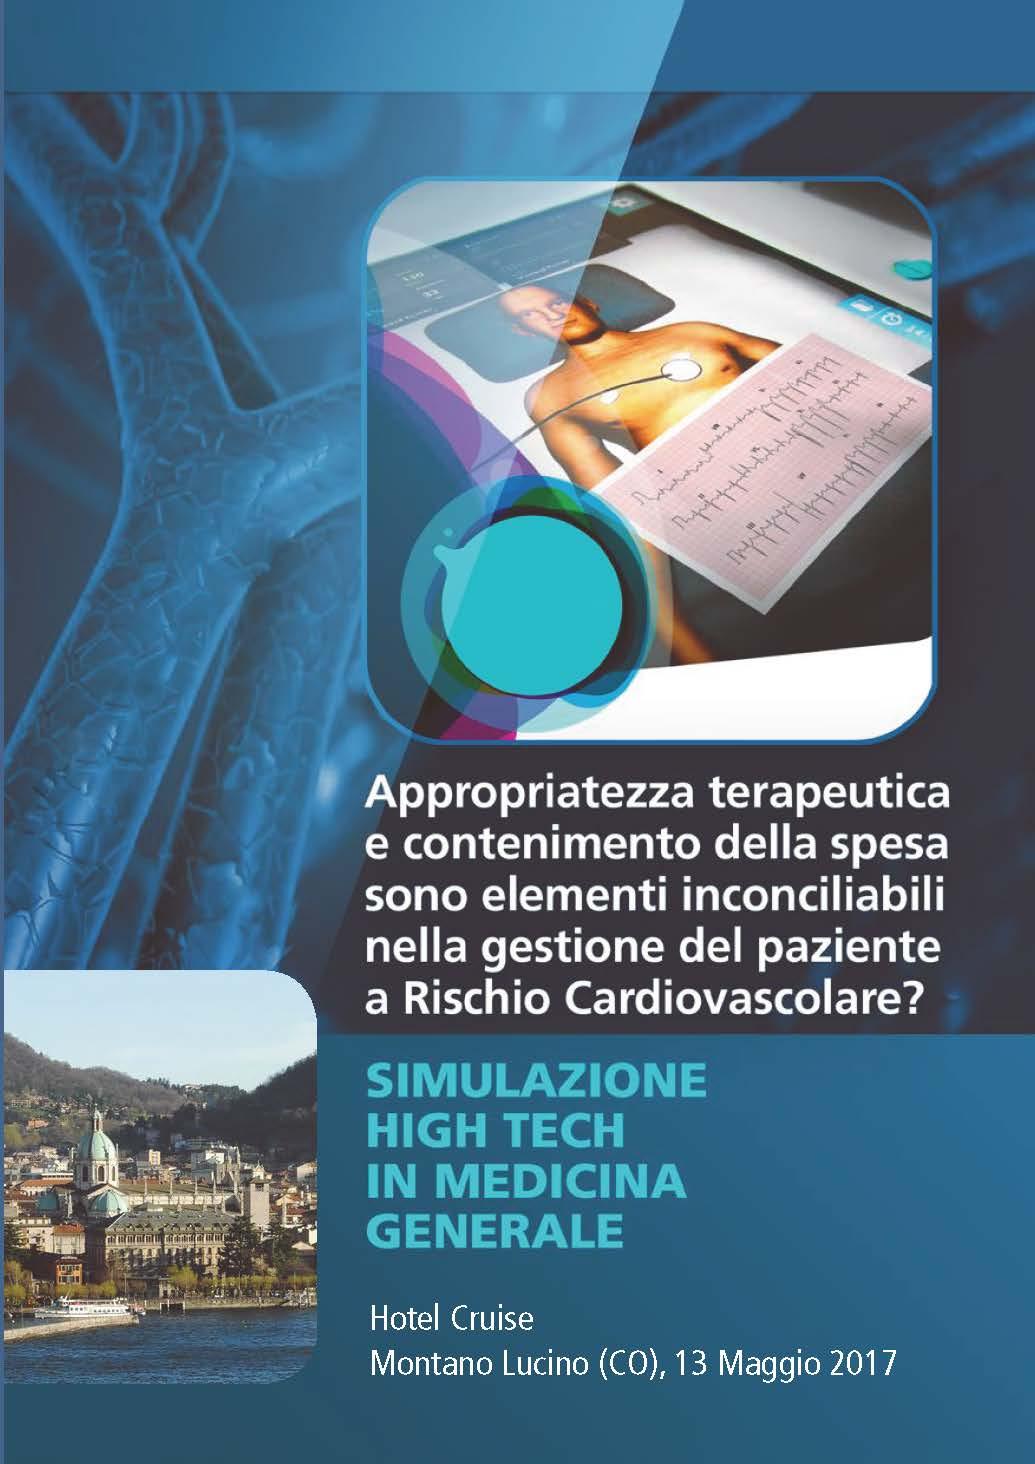 Appropriatezza terapeutica e contenimento della spesa sono elementi inconciliabili nella gestione del paziente a Rischio Cardiovascolare?